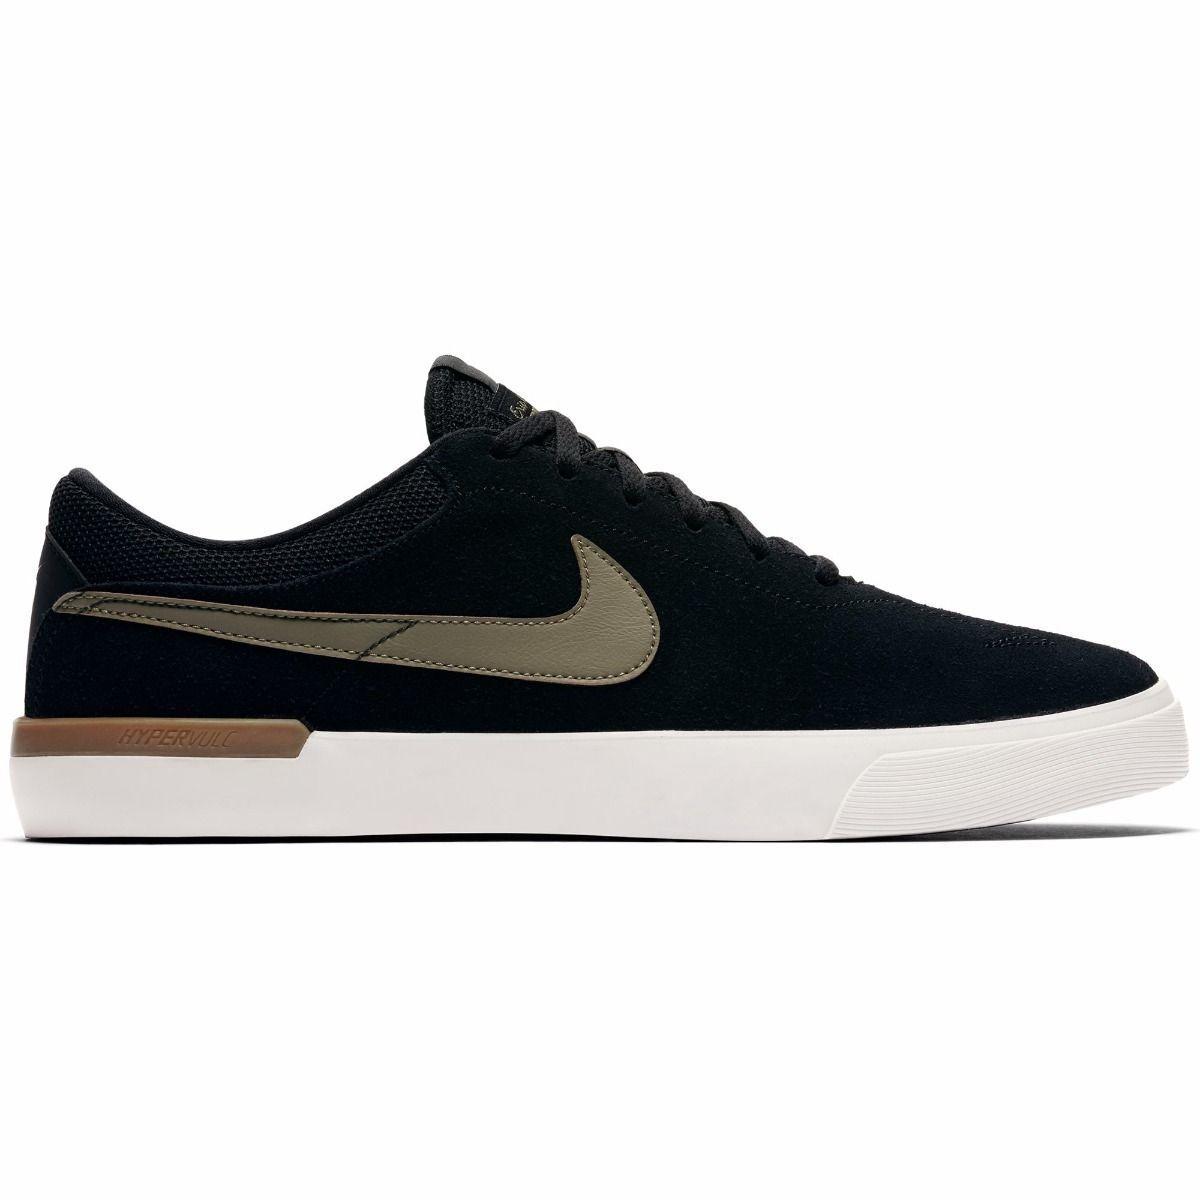 Nike SB Koston Hypervulc Black/Med Olive/Gum Med Brown - 7 - 13 NWT 844447-004